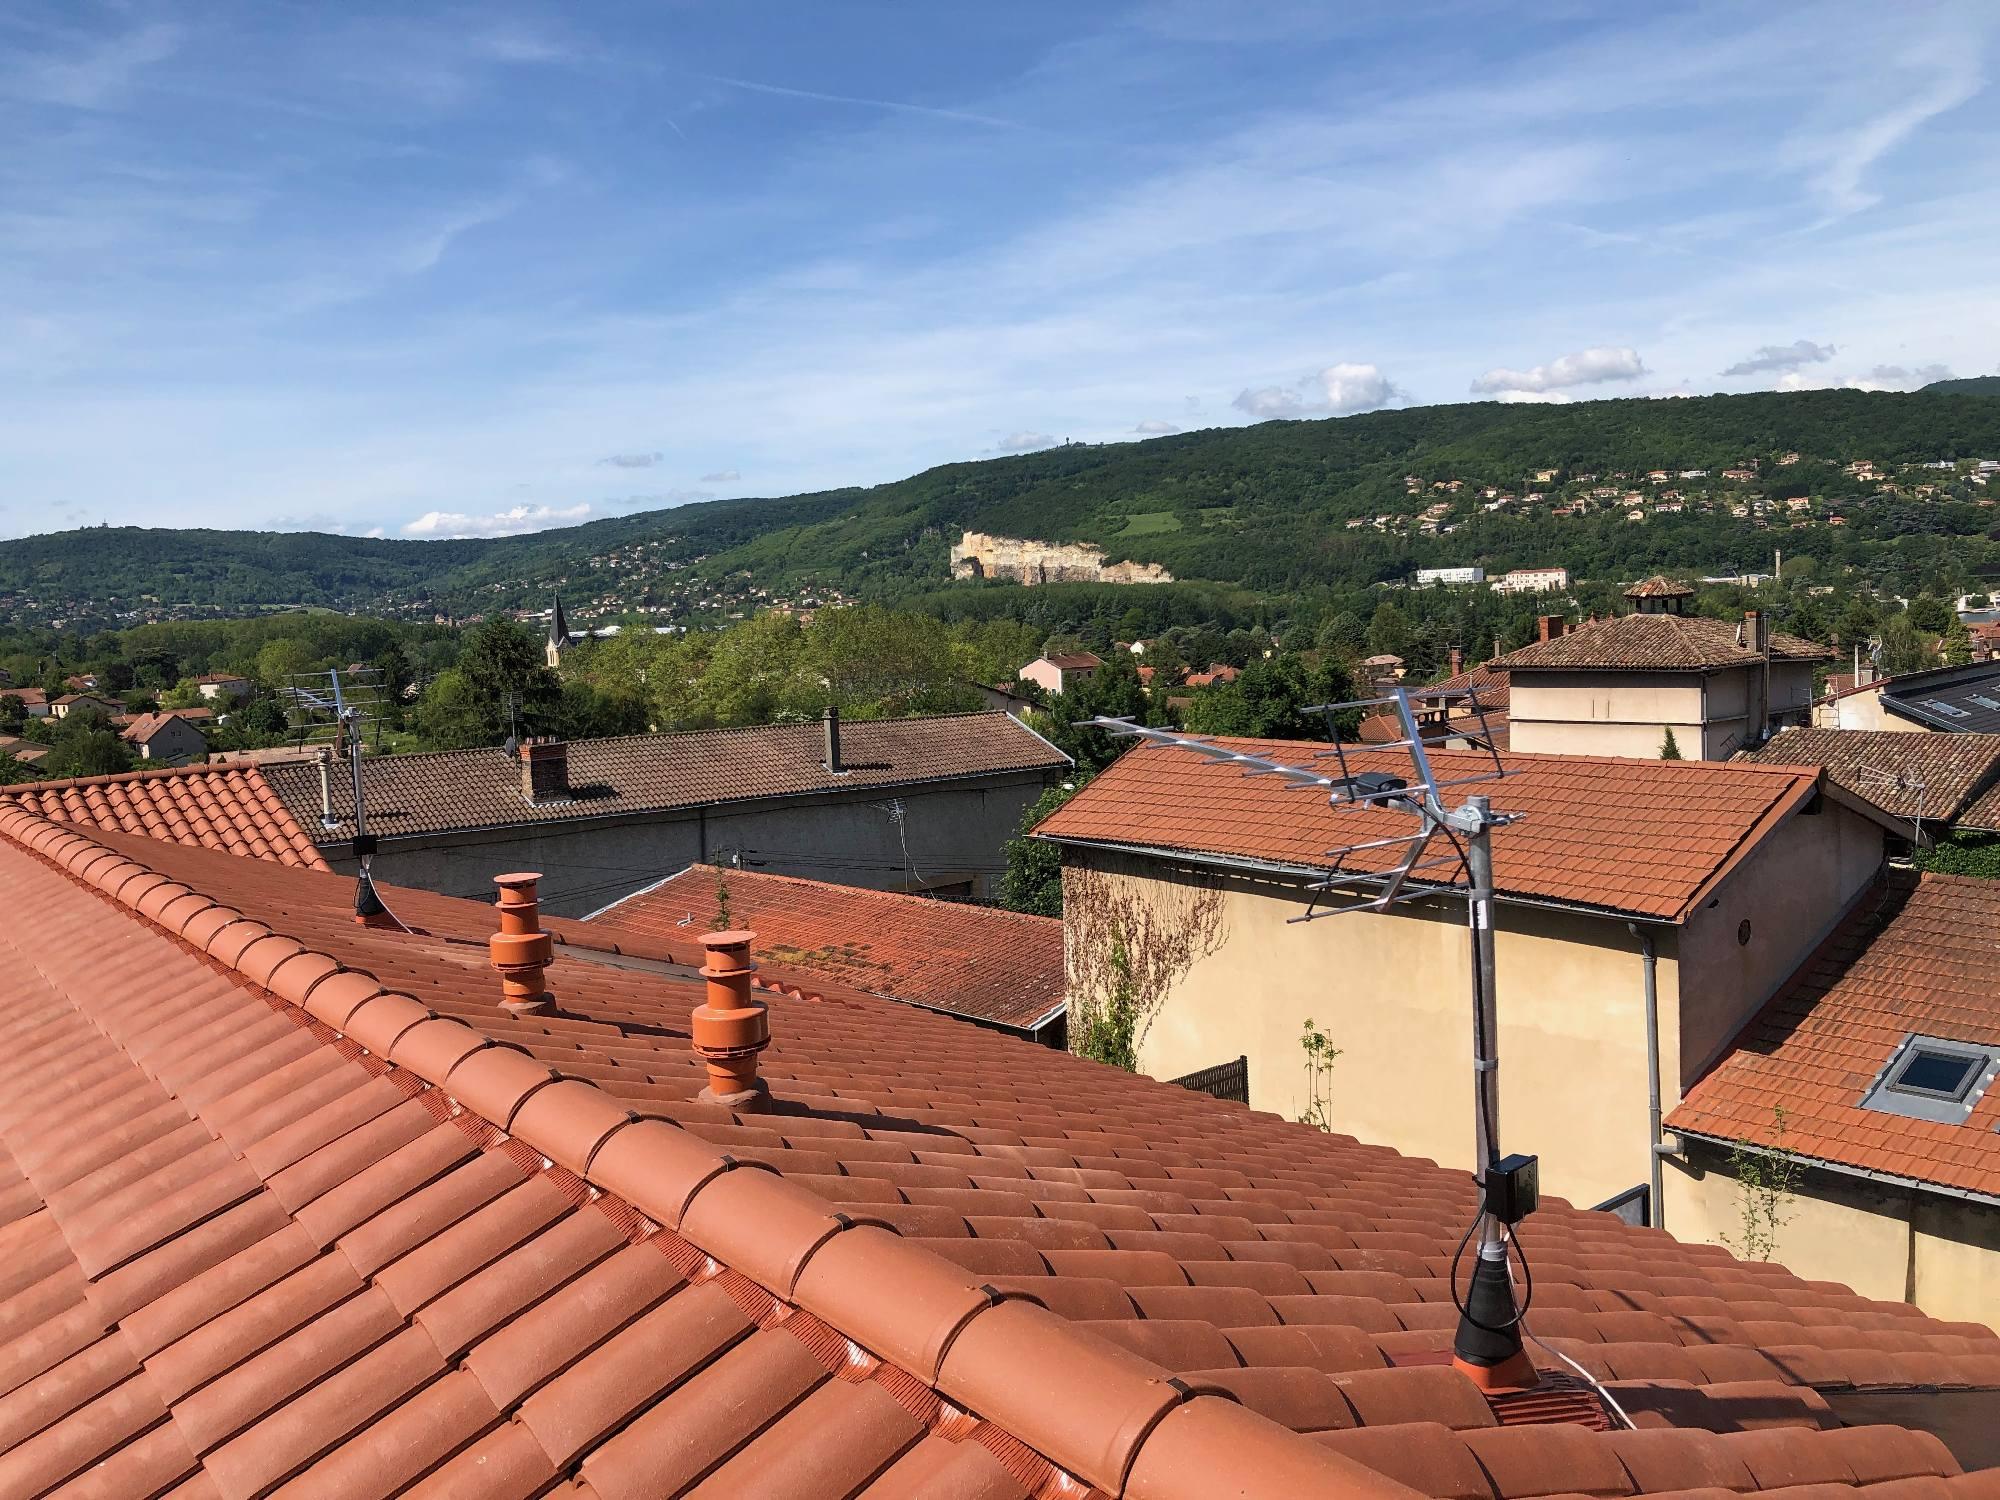 Pose d'une antenne TNT fixation sous les tuiles à Fleurieu sur Saône 69250 Clos du Buisson, vue sur la vallée de la Saône et Curis au Mont d'Or